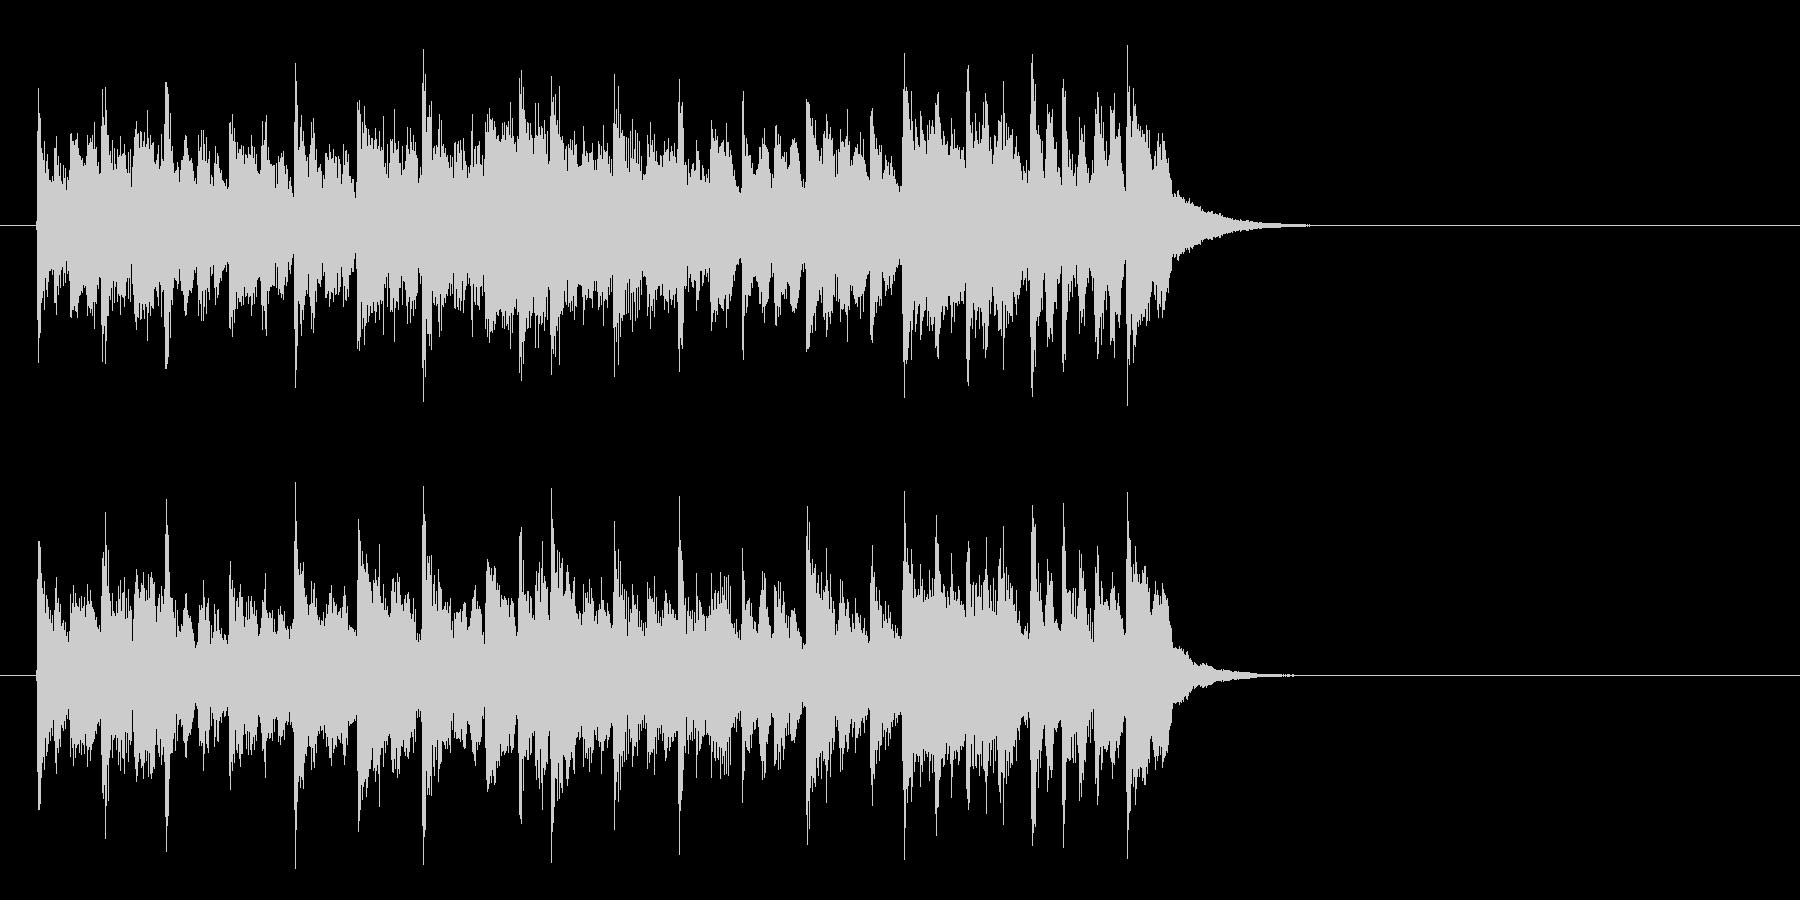 感動の終わりを迎える楽曲(イントロ)の未再生の波形